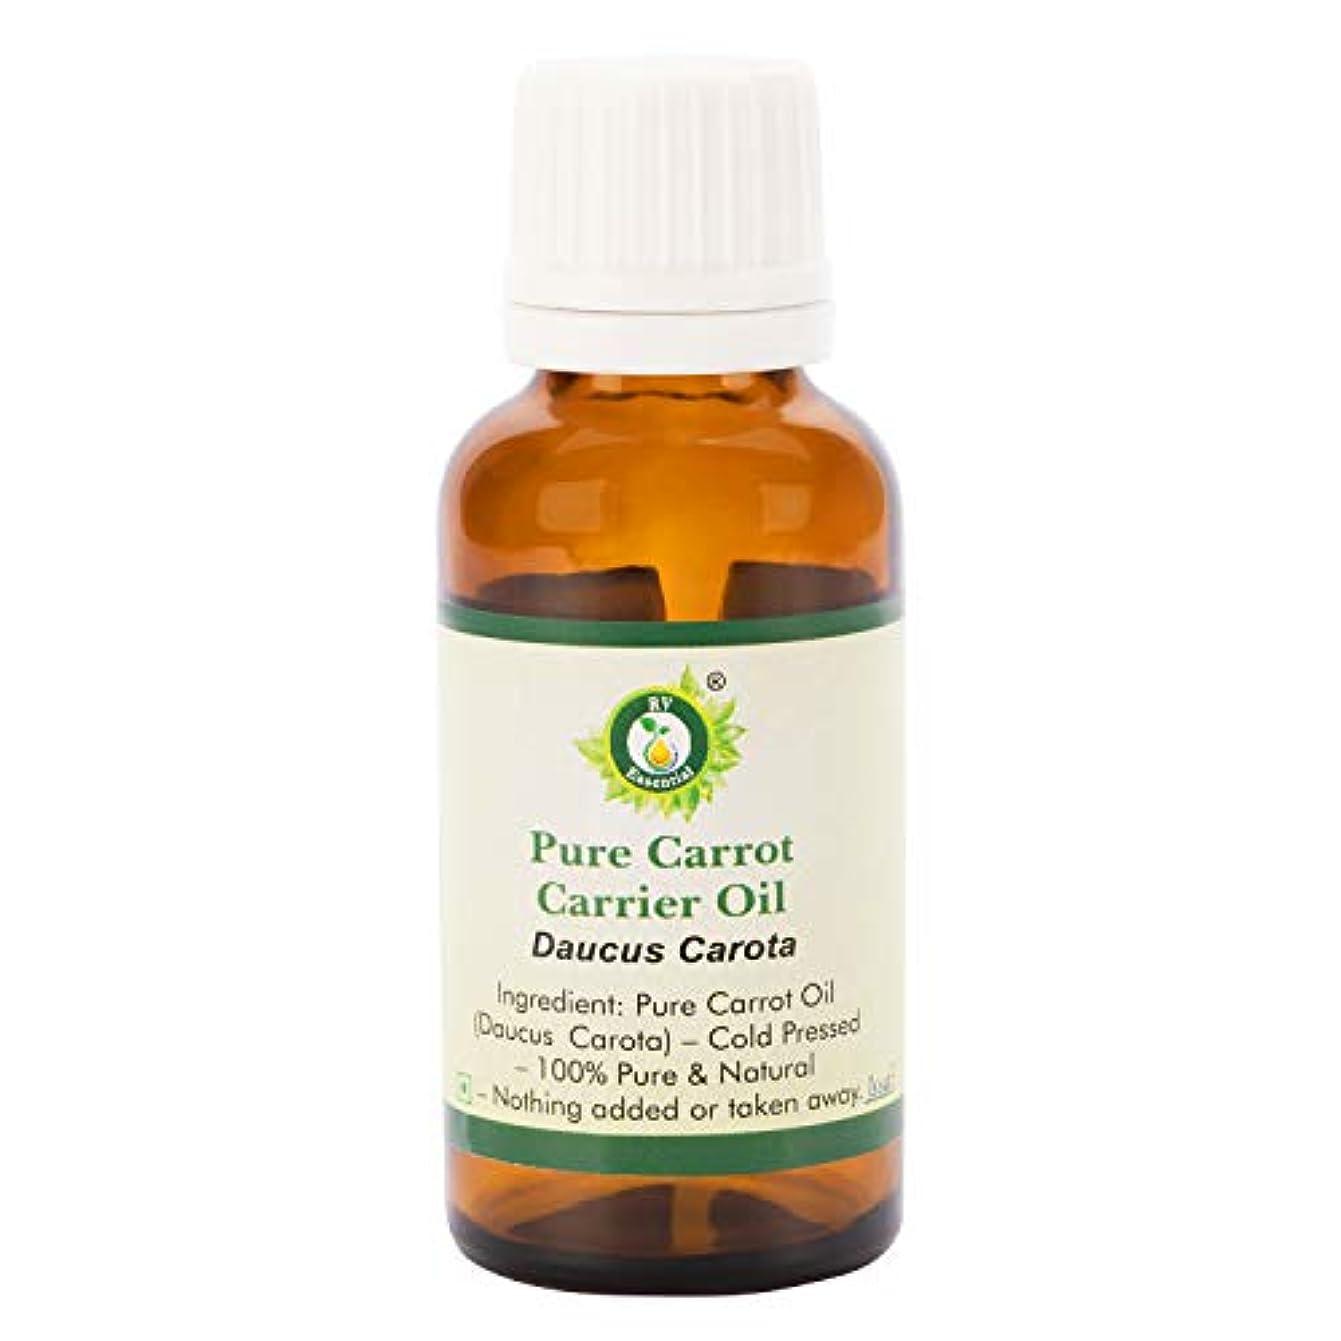 移民すなわちパッドピュアキャロットキャリアオイル100ml (3.38oz)- Daucus Carota (100%ピュア&ナチュラルコールドPressed) Pure Carrot Carrier Oil